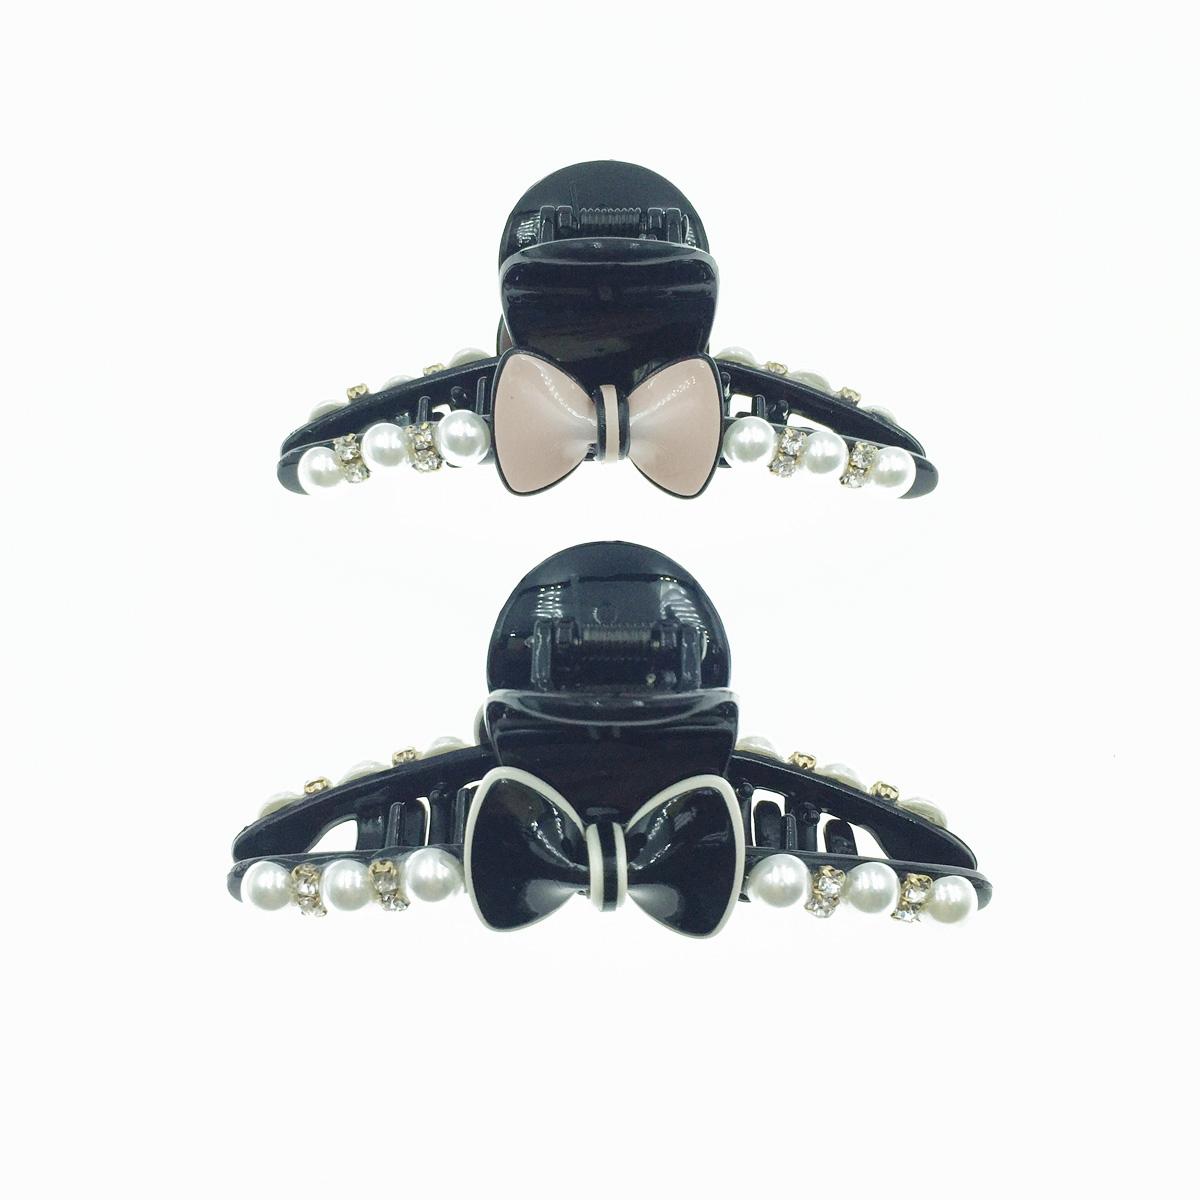 韓國 糖果蝴蝶結 珍珠 水鑽 大鯊魚夾 髮夾 髮飾